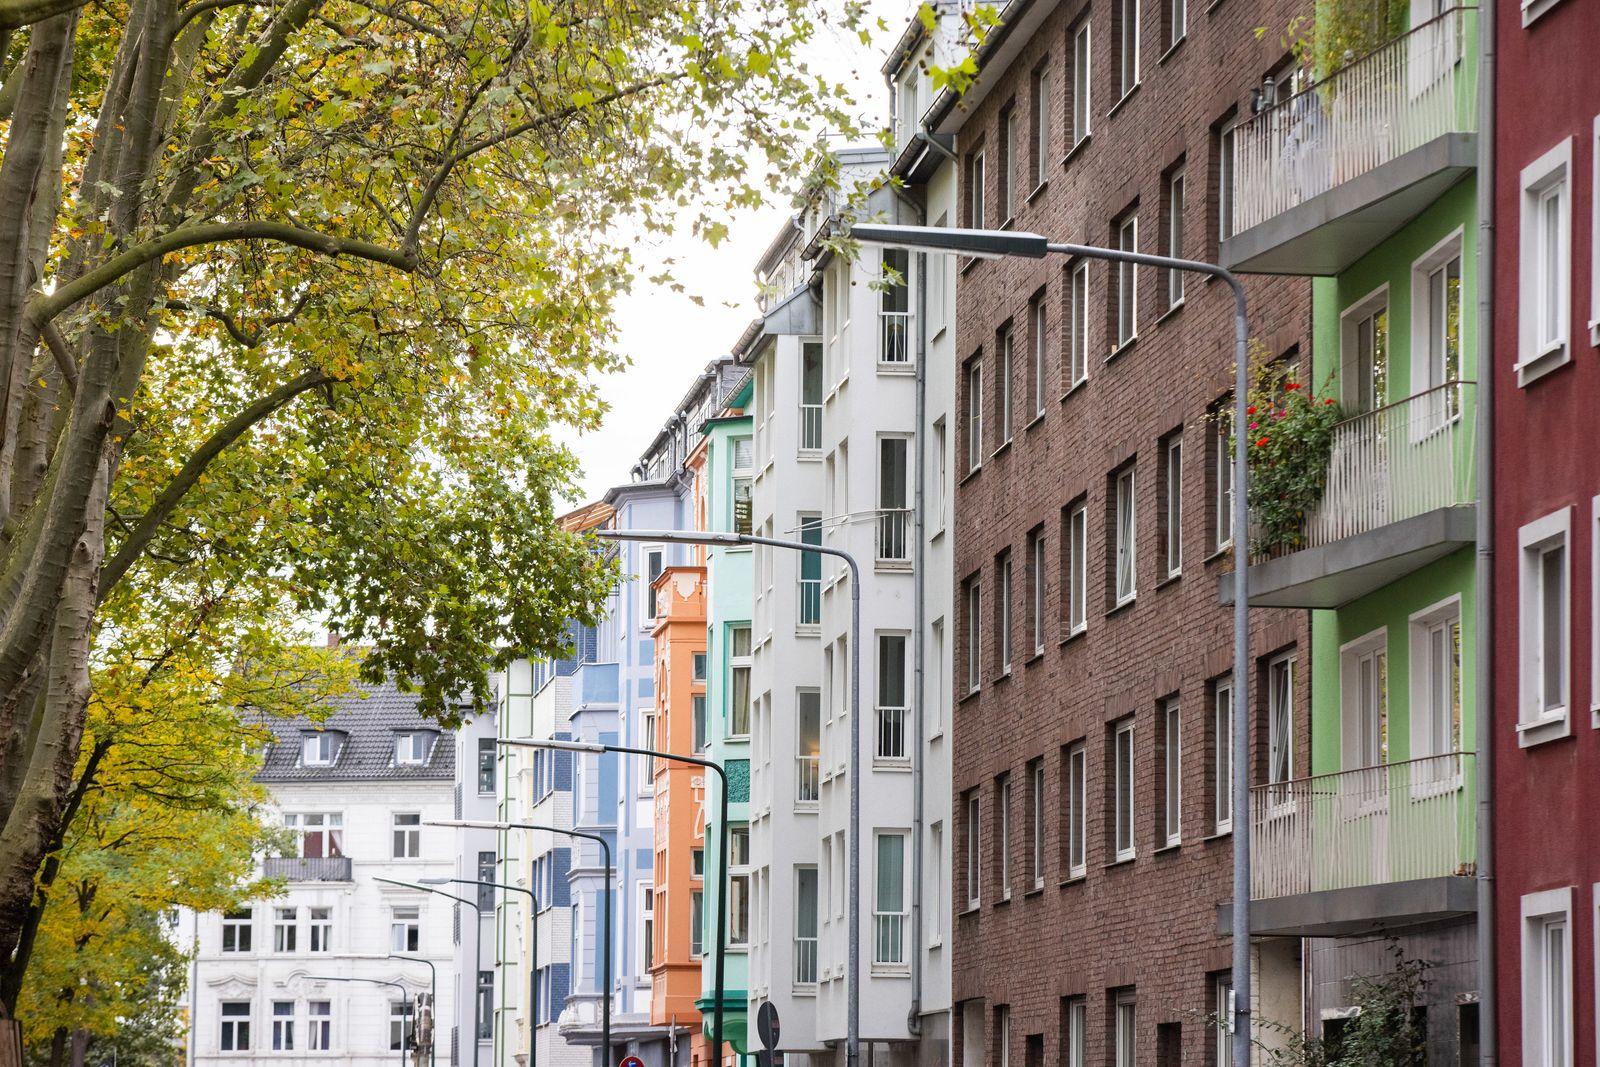 Wohnungsmarktprognose bis 2040 für NRW